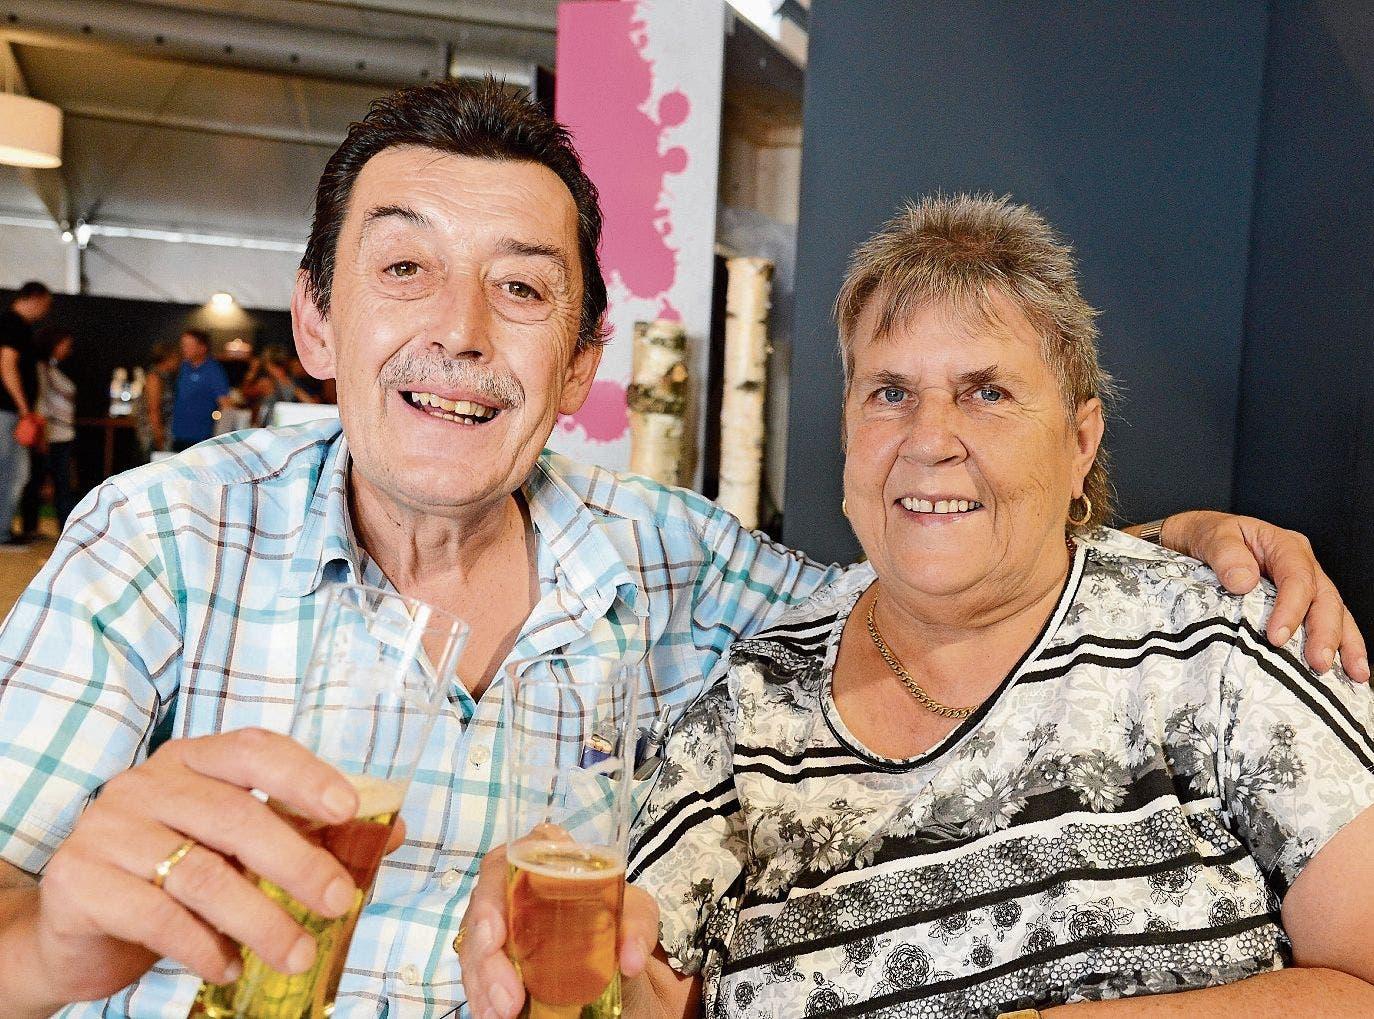 Berta und Nedo aus Buchs: «Wir geniessen ganz einfach die Wiga-Zeit.»